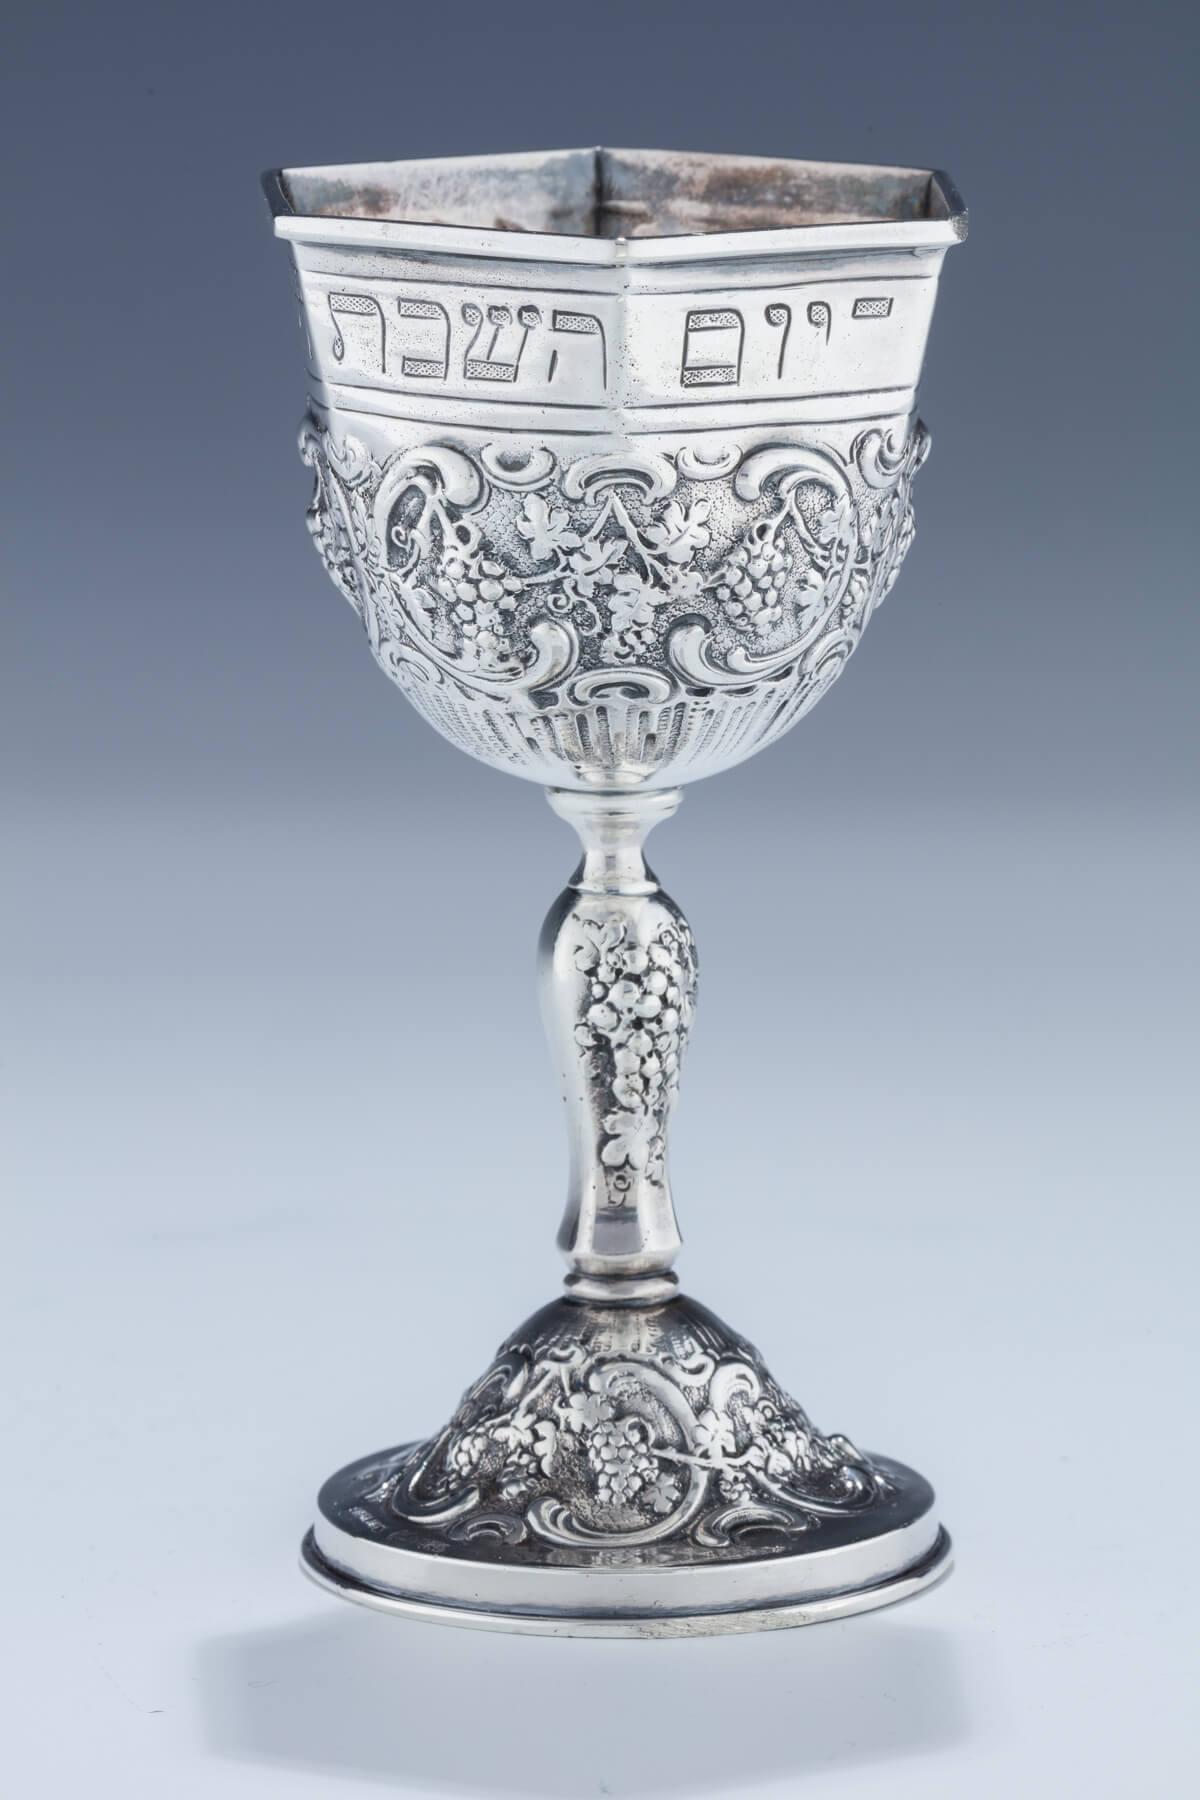 006. A Silver Kiddush Cup